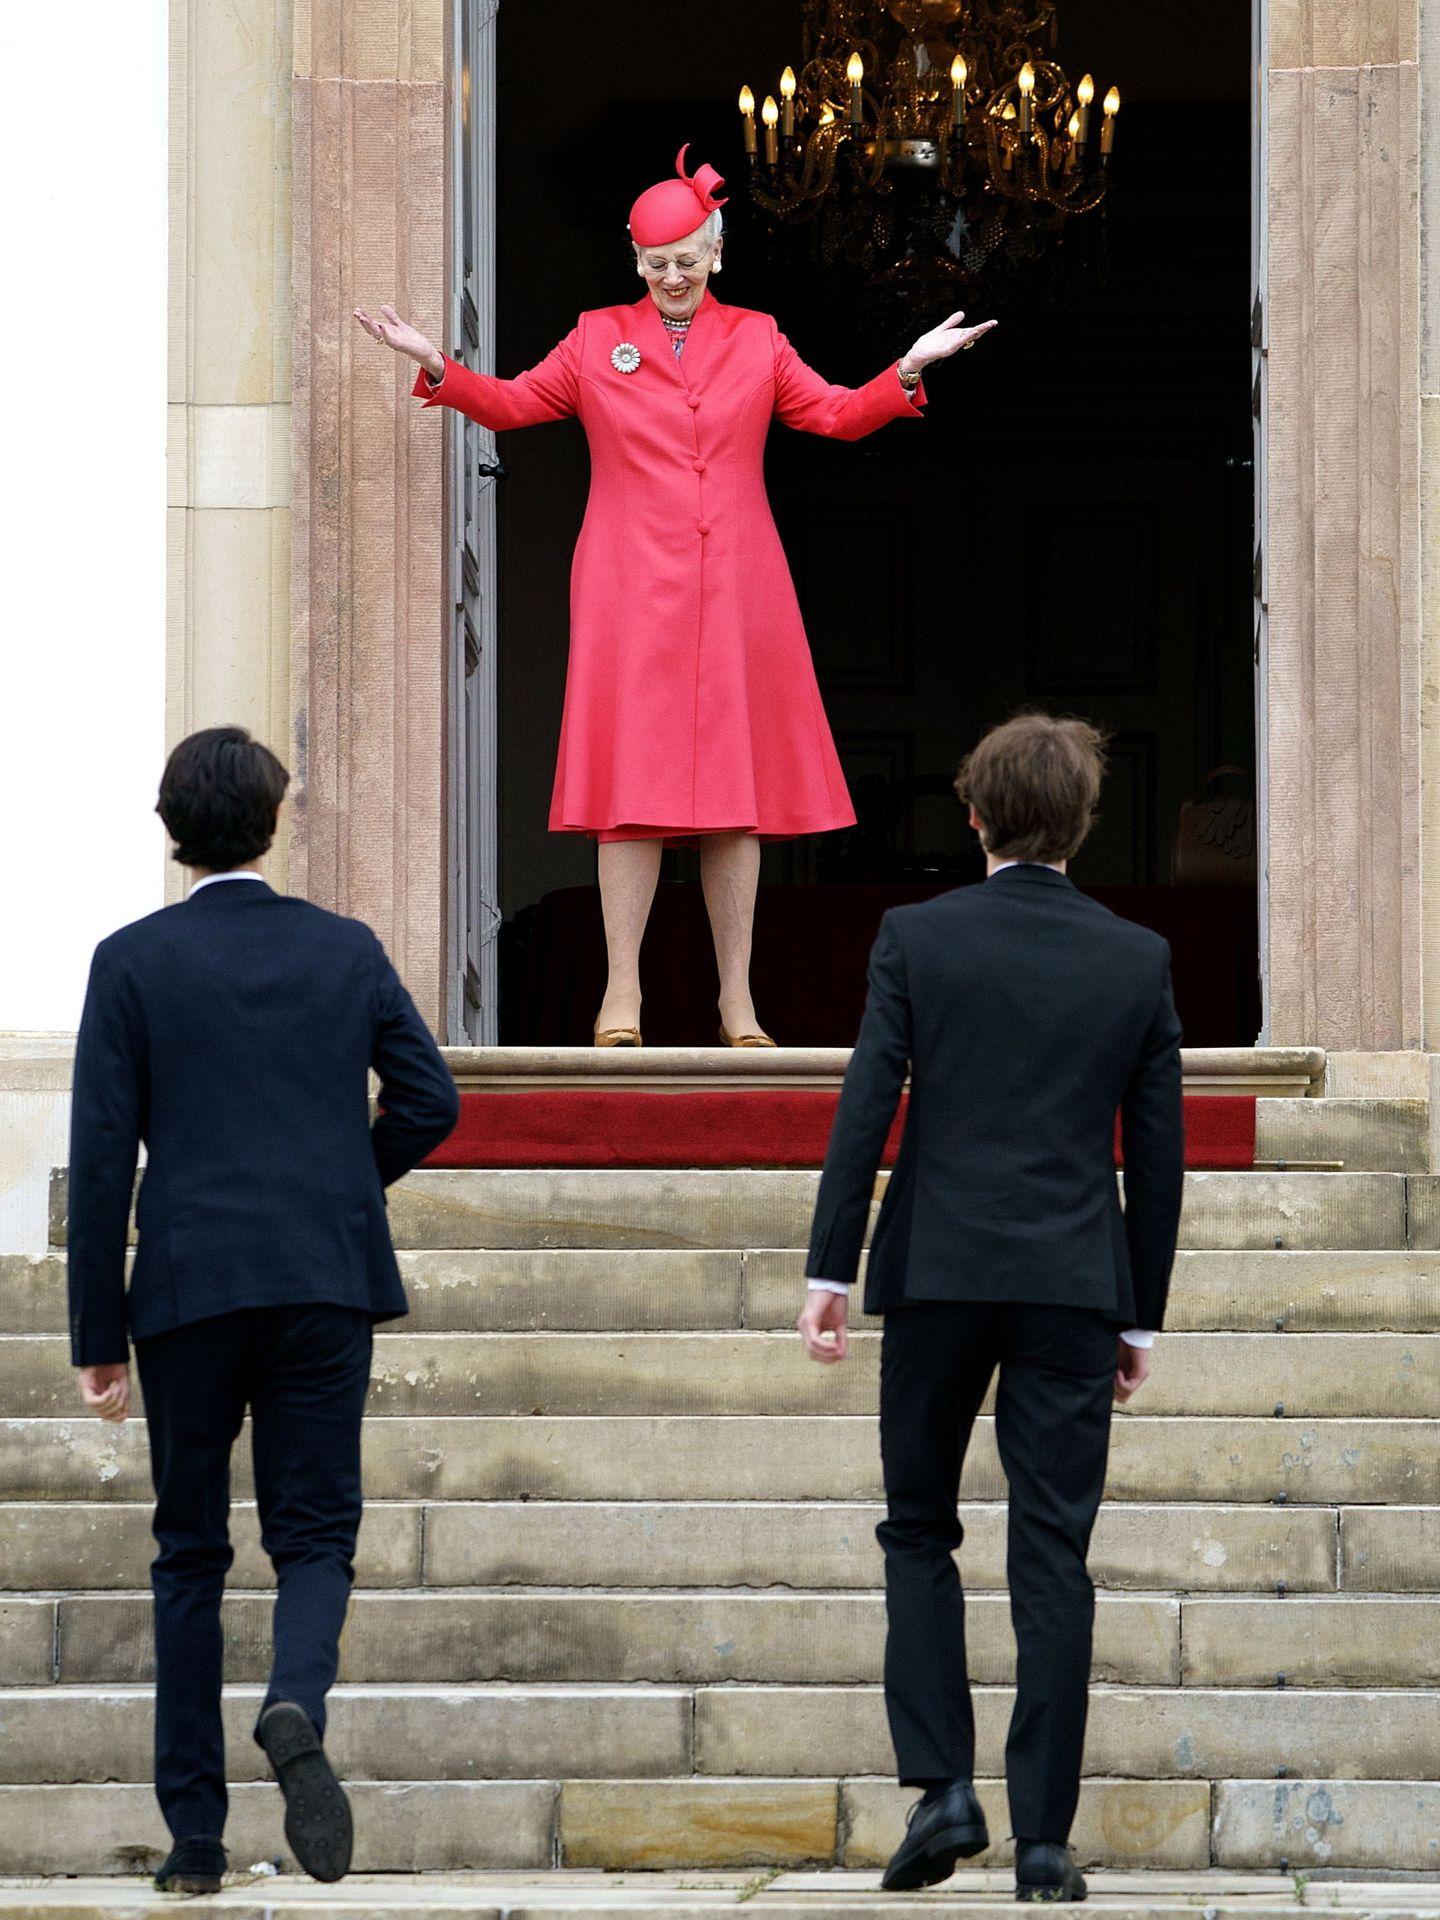 La reina Margarita recibiendo a su nieto en el día de su confirmación. (EFE)